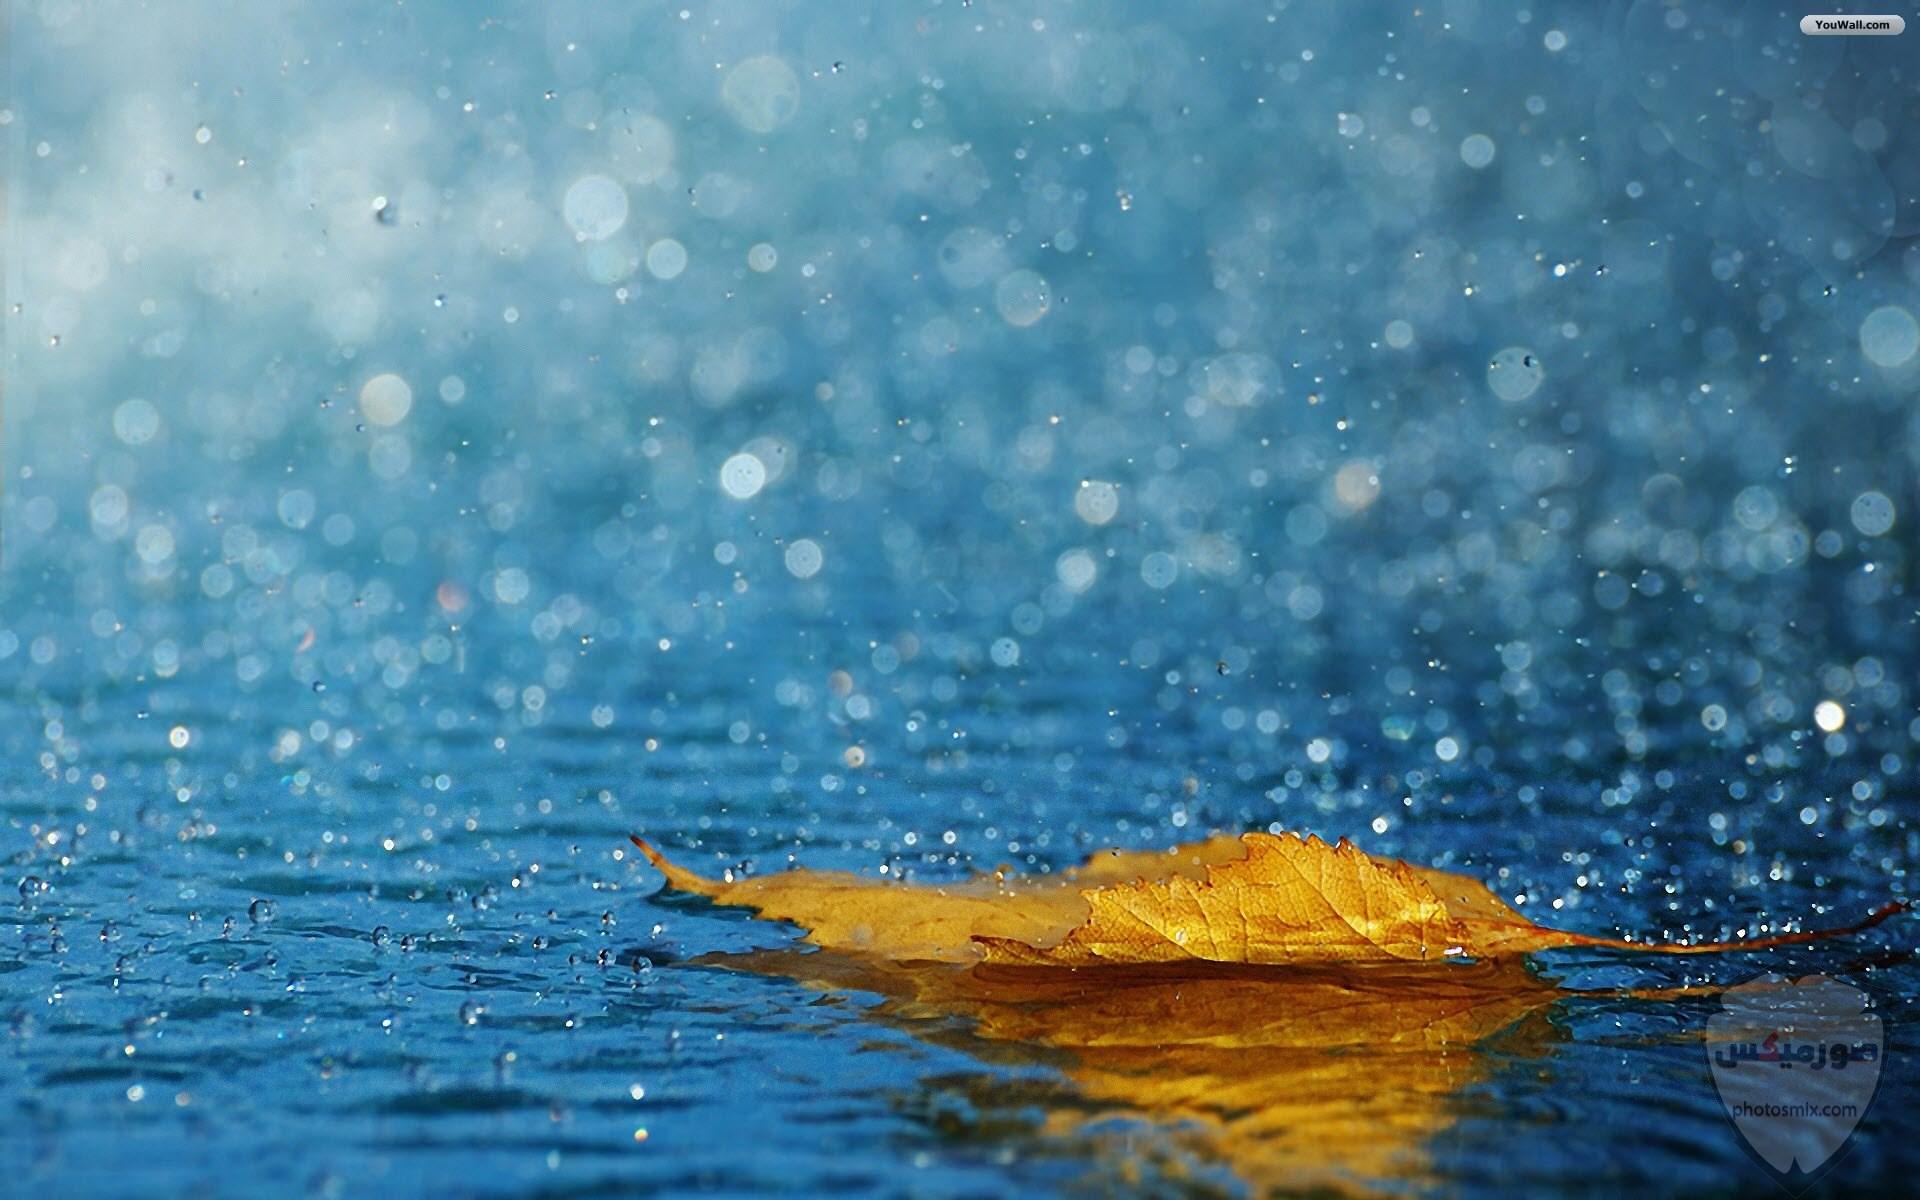 أجمل صور مطر 2020 HD أحلى خلفيات أمطار للفيس بوك والواتس آب 2